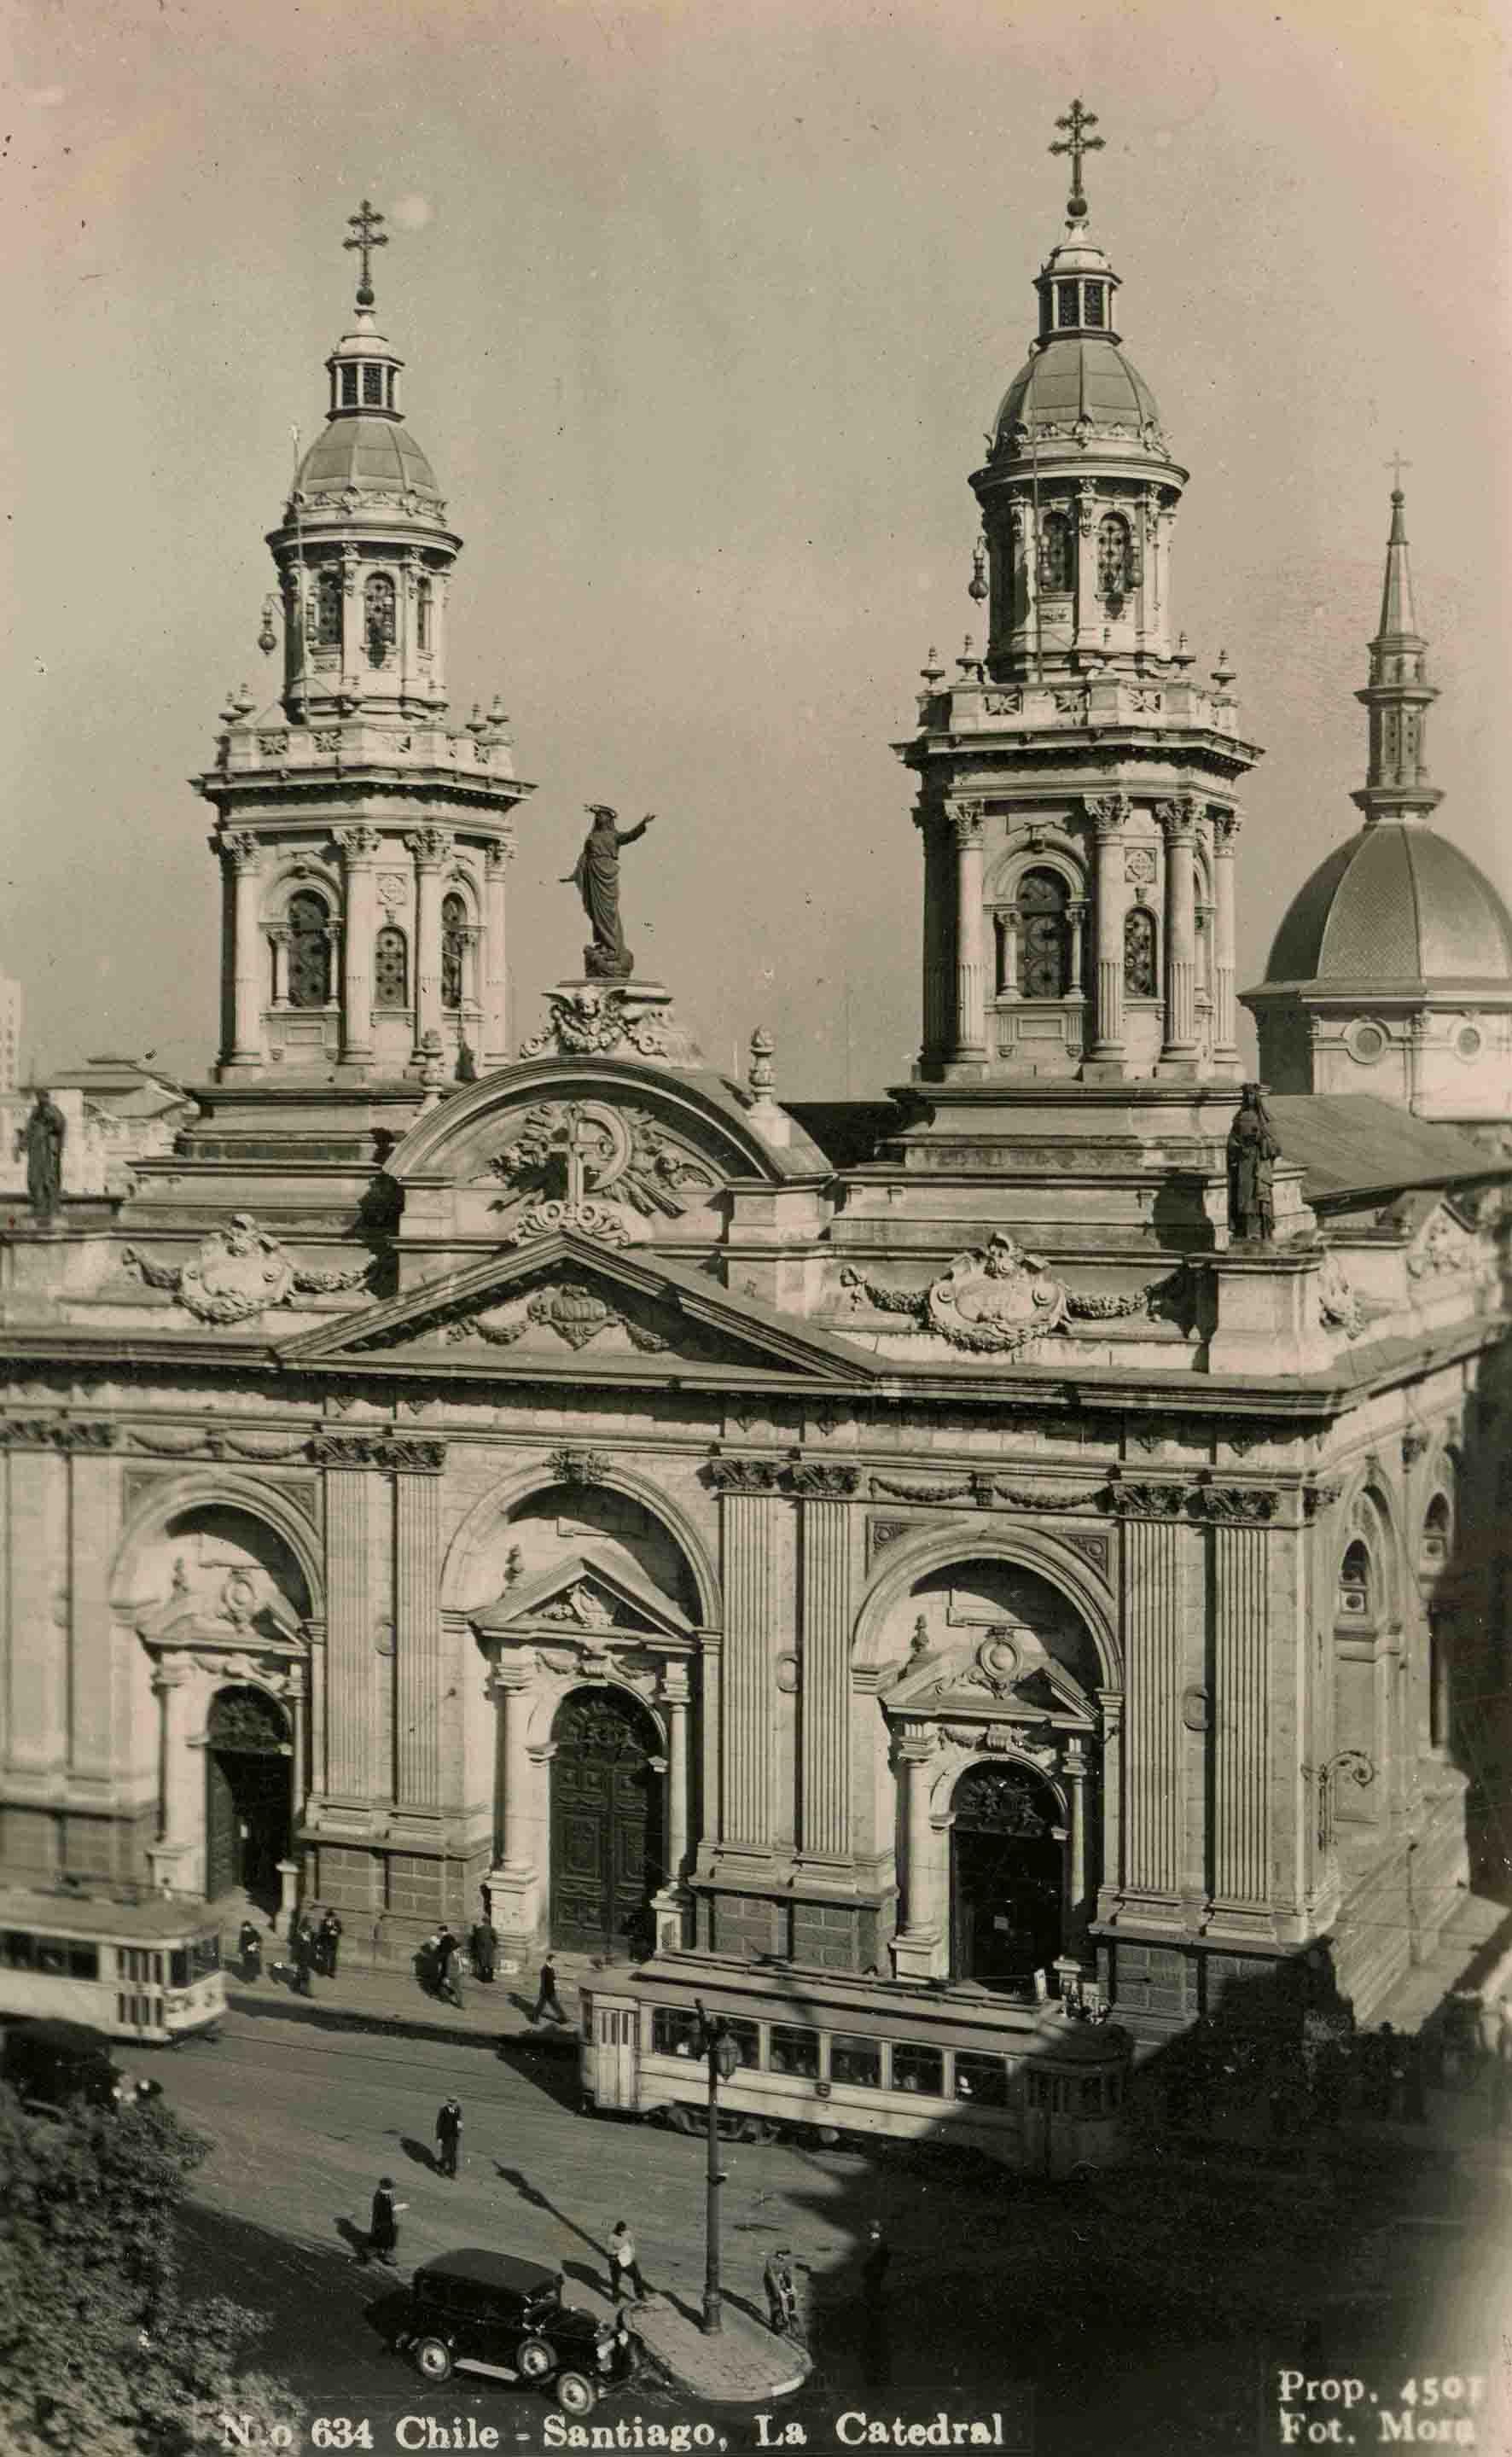 Enterreno - Fotos históricas de chile - fotos antiguas de Chile - Catedral de Santiago ca. 1935